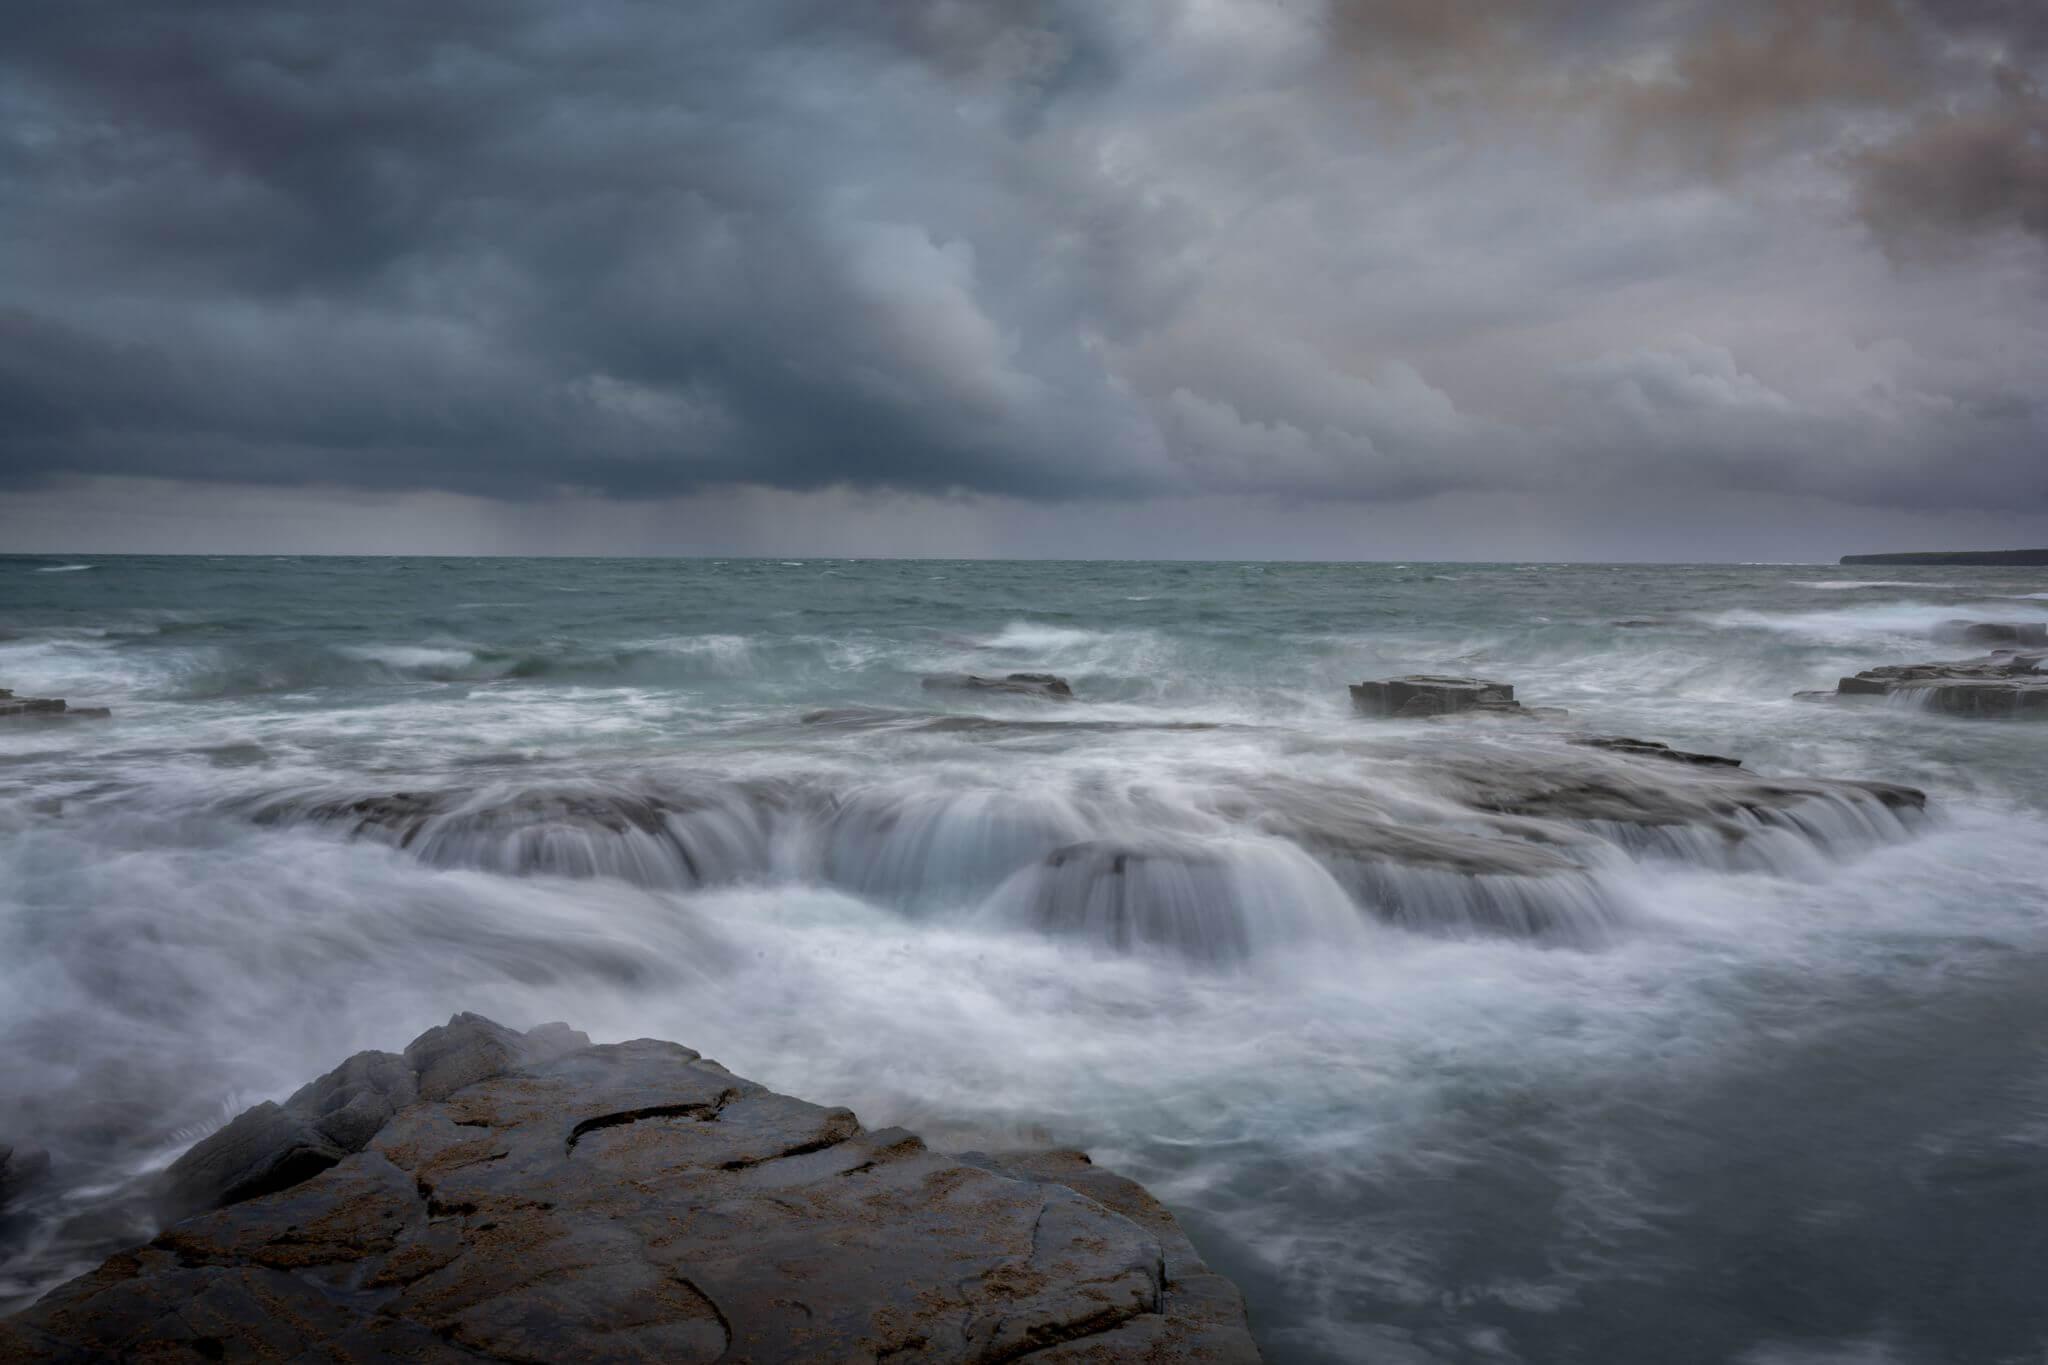 Zvolte vhodnou rychlost závěrky –vlny oceánu obtékající skály s šedými bouřkovými mraky na obloze. Foto George Karbus. Čas 1/3 s, clona F22, ISO 31, ohnisko 33 mm